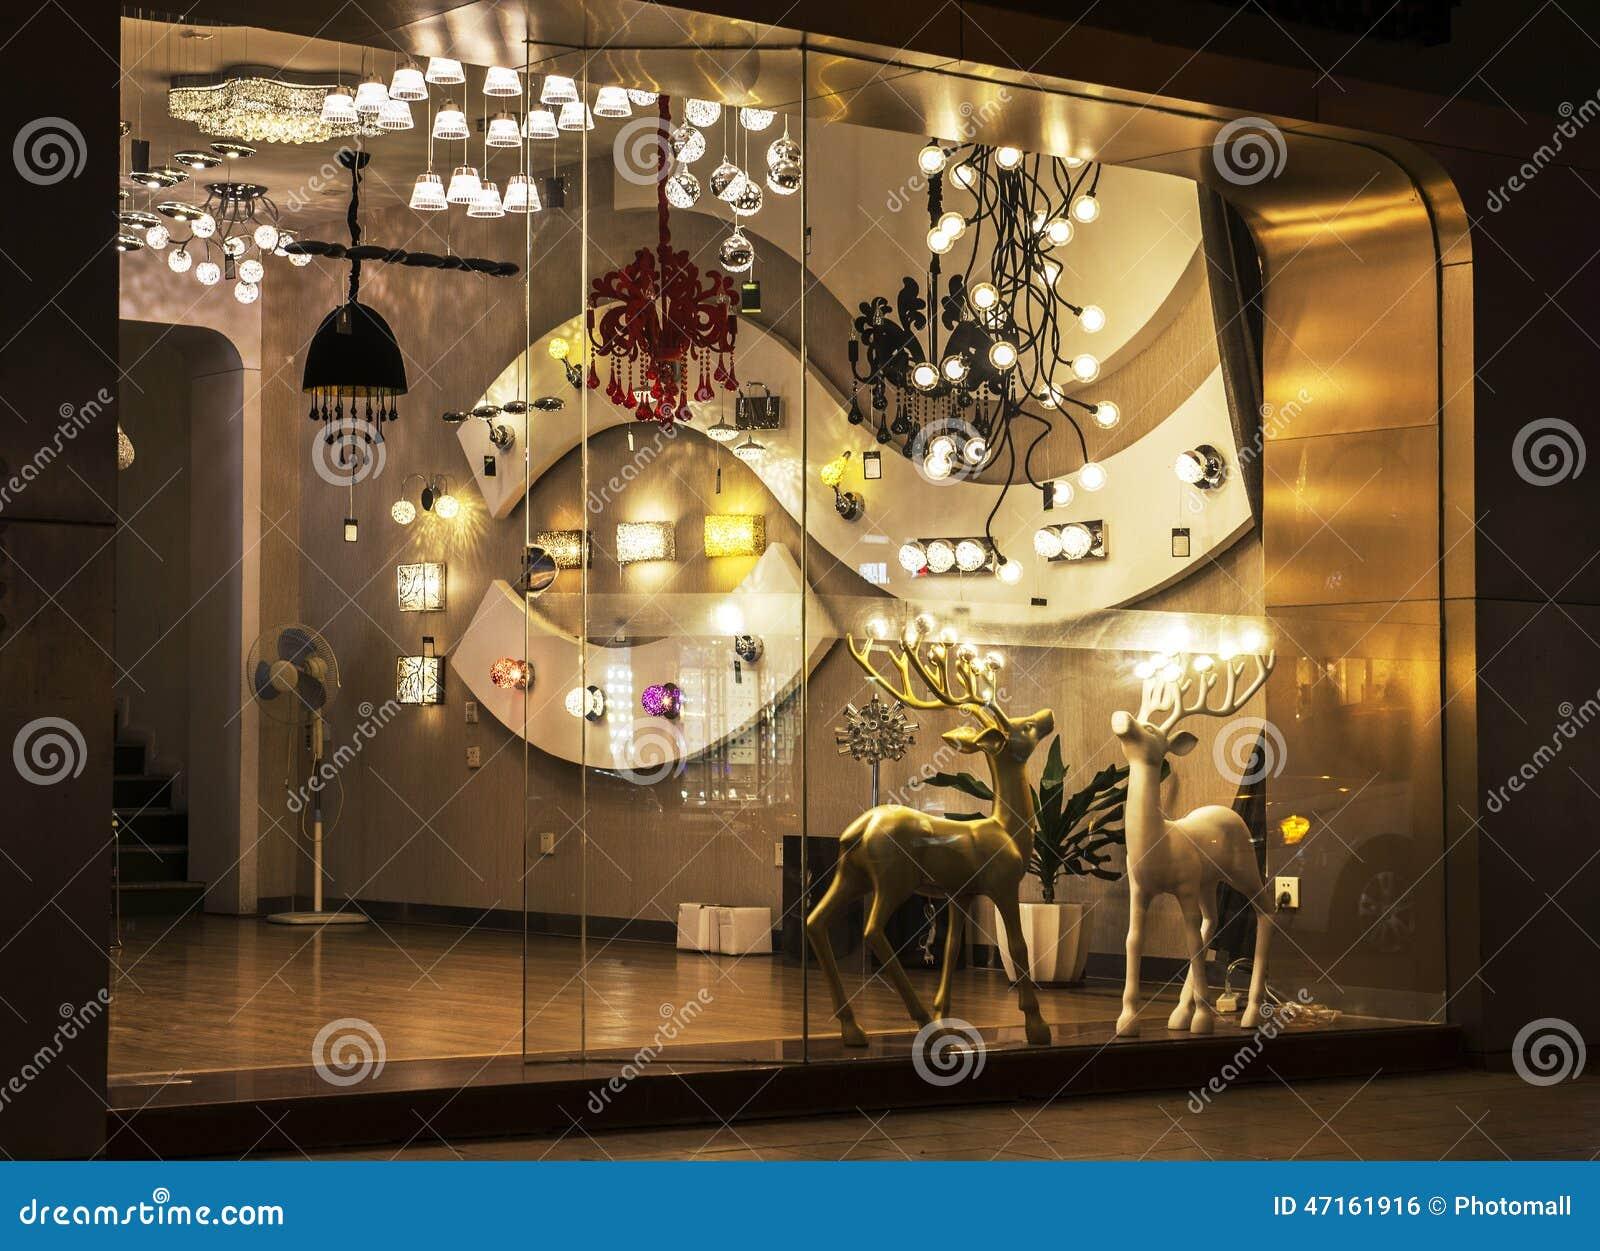 Moderner LED-Kristallleuchter führte Wandlampe, Deckenbeleuchtung, Handelsbeleuchtung Hausausstattungsbeleuchtung